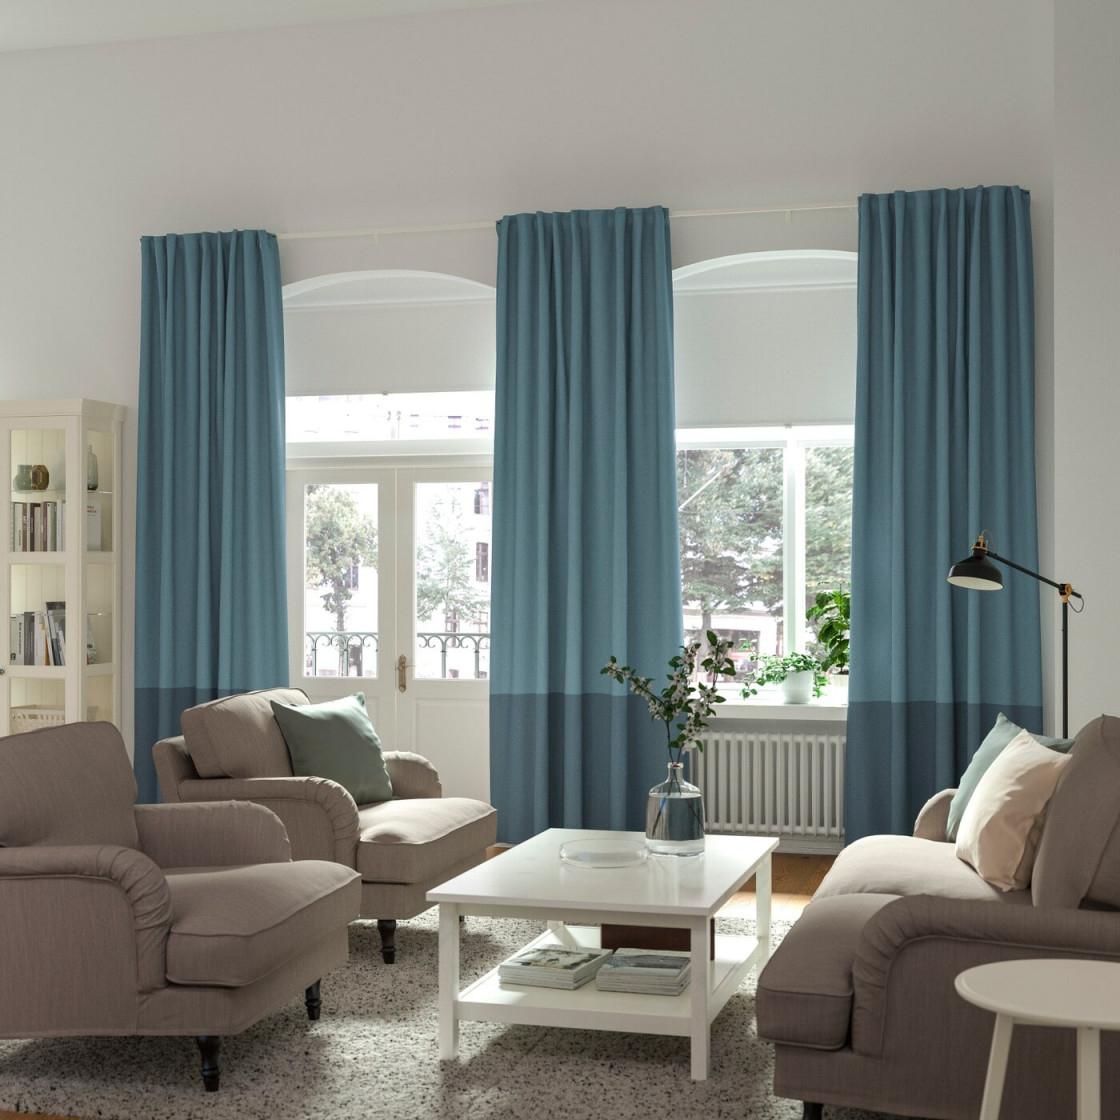 Gardinenideen Inspirationen Für Dein Zuhause  Ikea von Übergardinen Wohnzimmer Ideen Photo